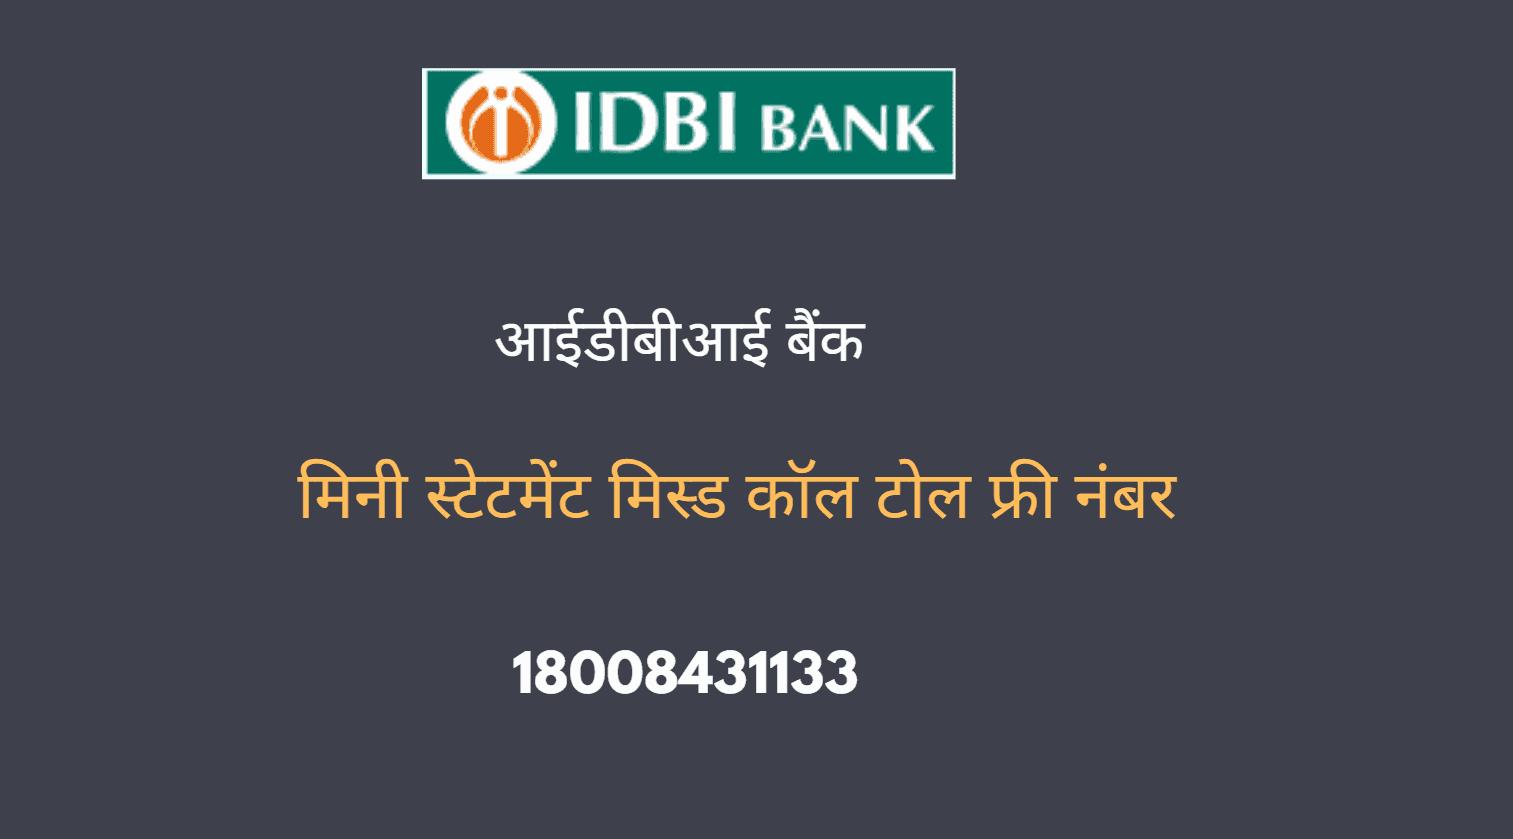 idbi mini statement toll free number